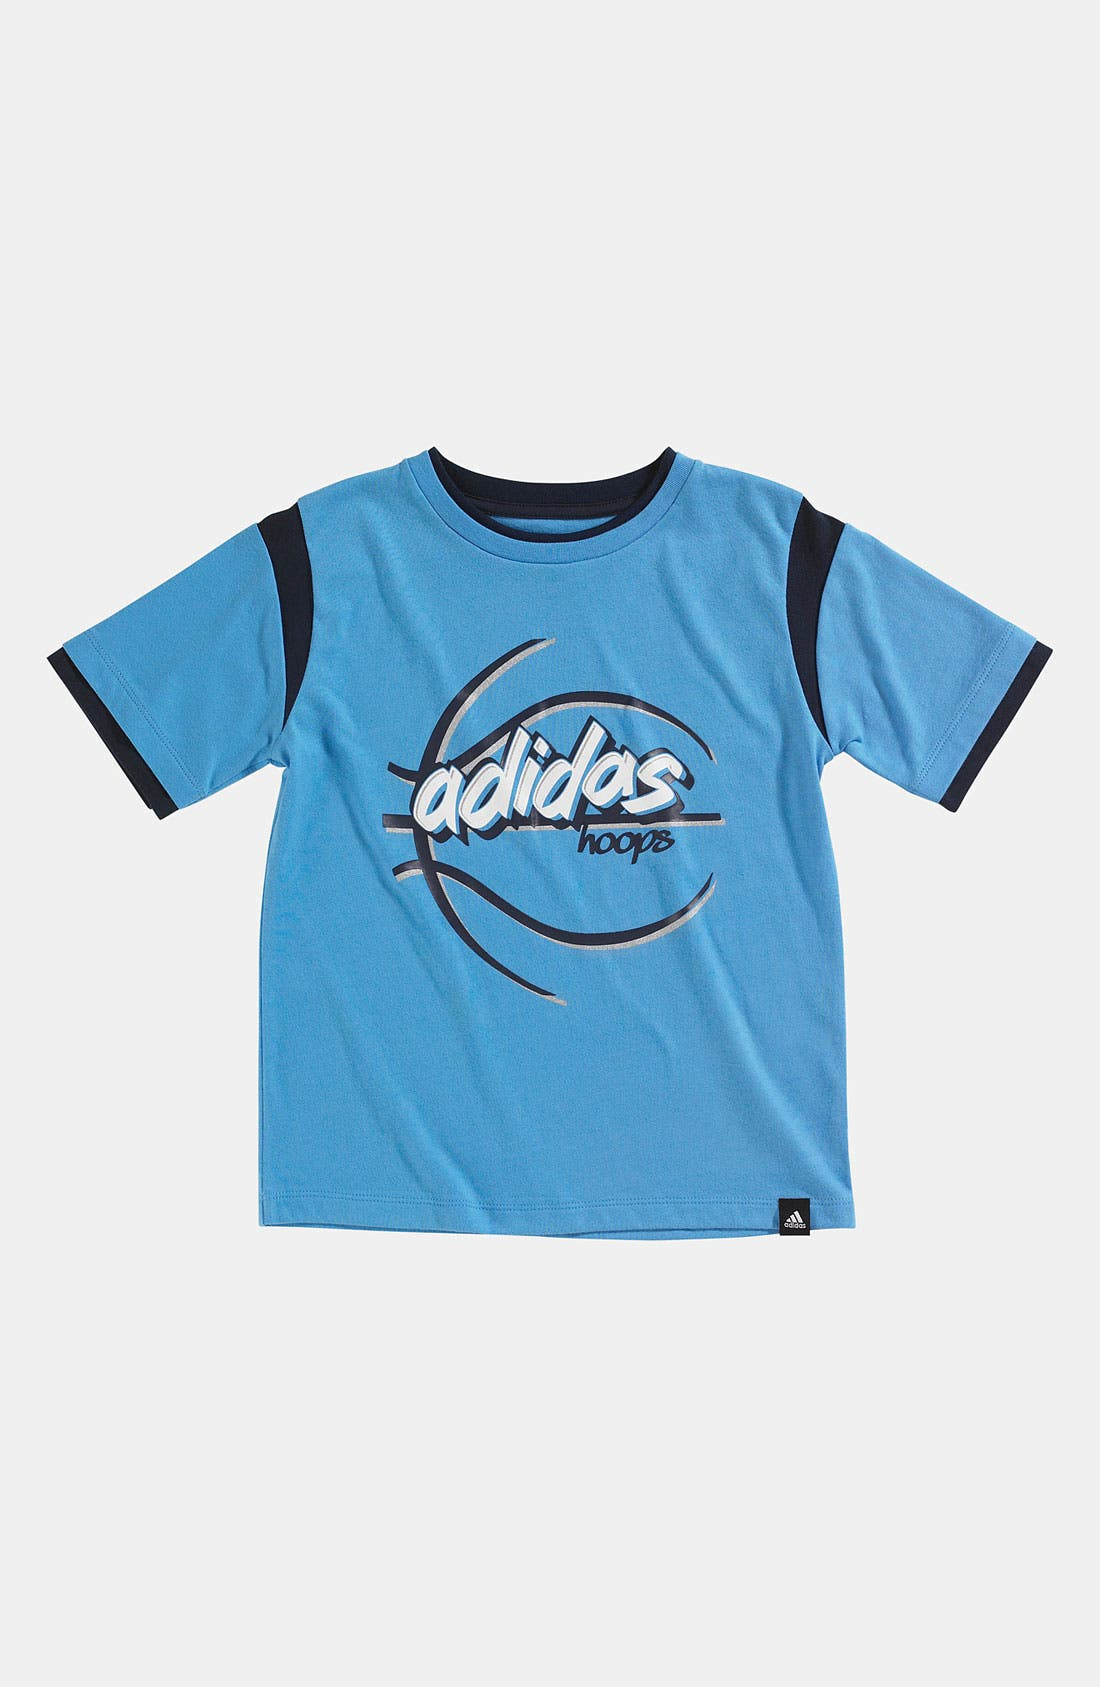 Alternate Image 1 Selected - adidas 'Skeleton Ball' T-Shirt (Little Boys)